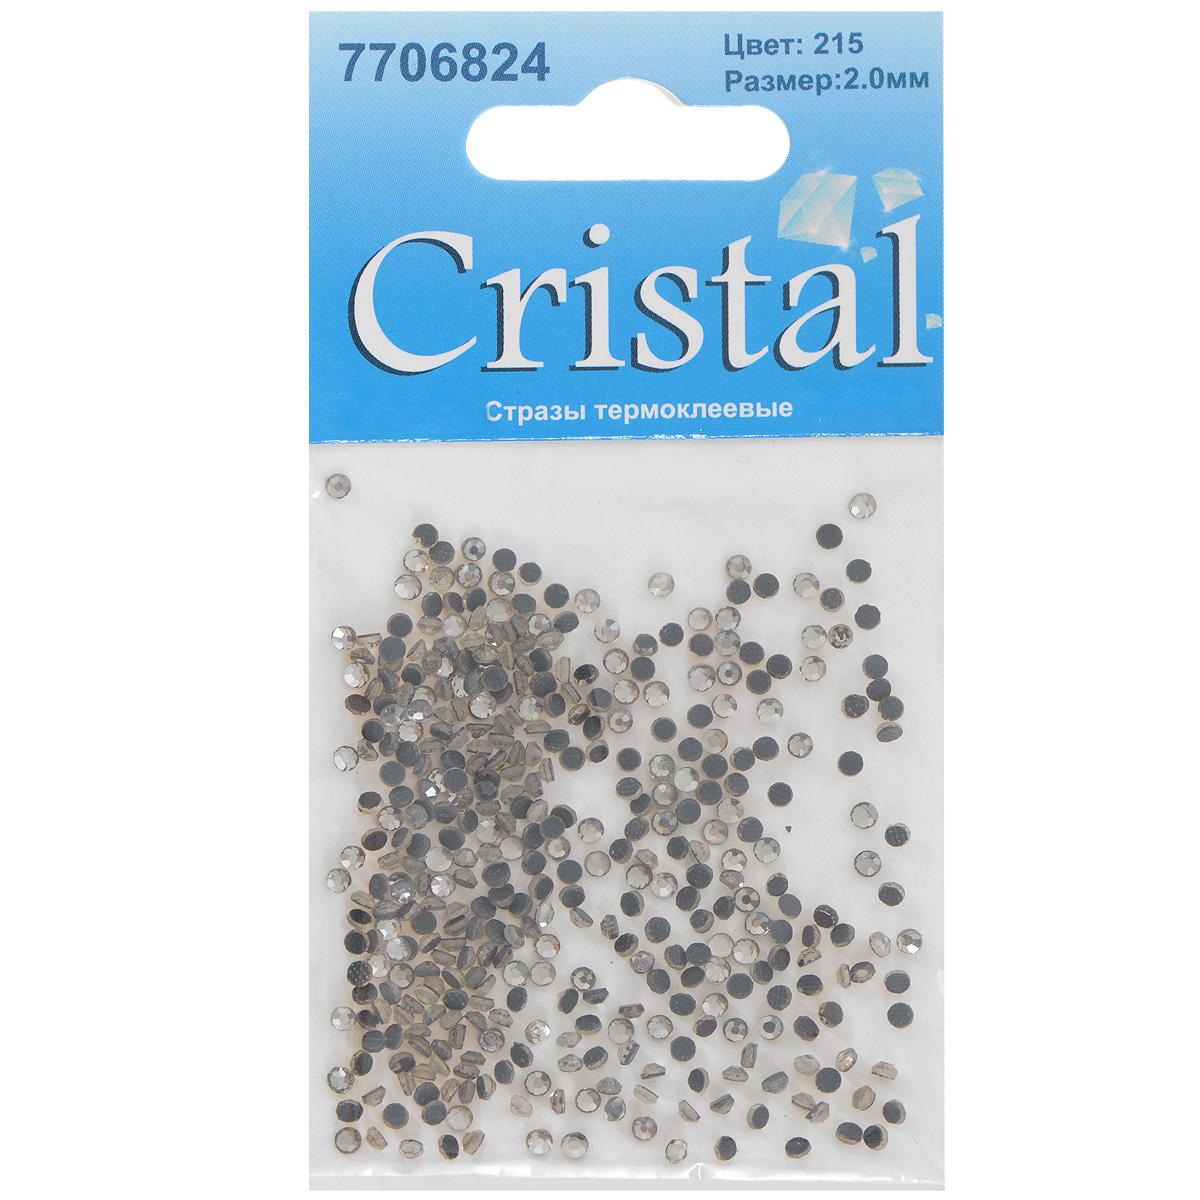 Стразы термоклеевые Cristal, цвет: белый (215), диаметр 2 мм, 432 шт7706824_215Набор термоклеевых страз Cristal, изготовленный из высококачественного акрила, позволит вам украсить одежду, аксессуары или текстиль. Яркие стразы имеют плоское дно и круглую поверхность с гранями. Дно термоклеевых страз уже обработано особым клеем, который под воздействием высоких температур начинает плавиться, приклеиваясь, таким образом, к требуемой поверхности. Чаще всего их используют в текстильной промышленности: стразы прикладывают к ткани и проглаживают утюгом с обратной стороны. Также можно использовать специальный паяльник. Украшение стразами поможет сделать любую вещь оригинальной и неповторимой. Диаметр страз: 2 мм.